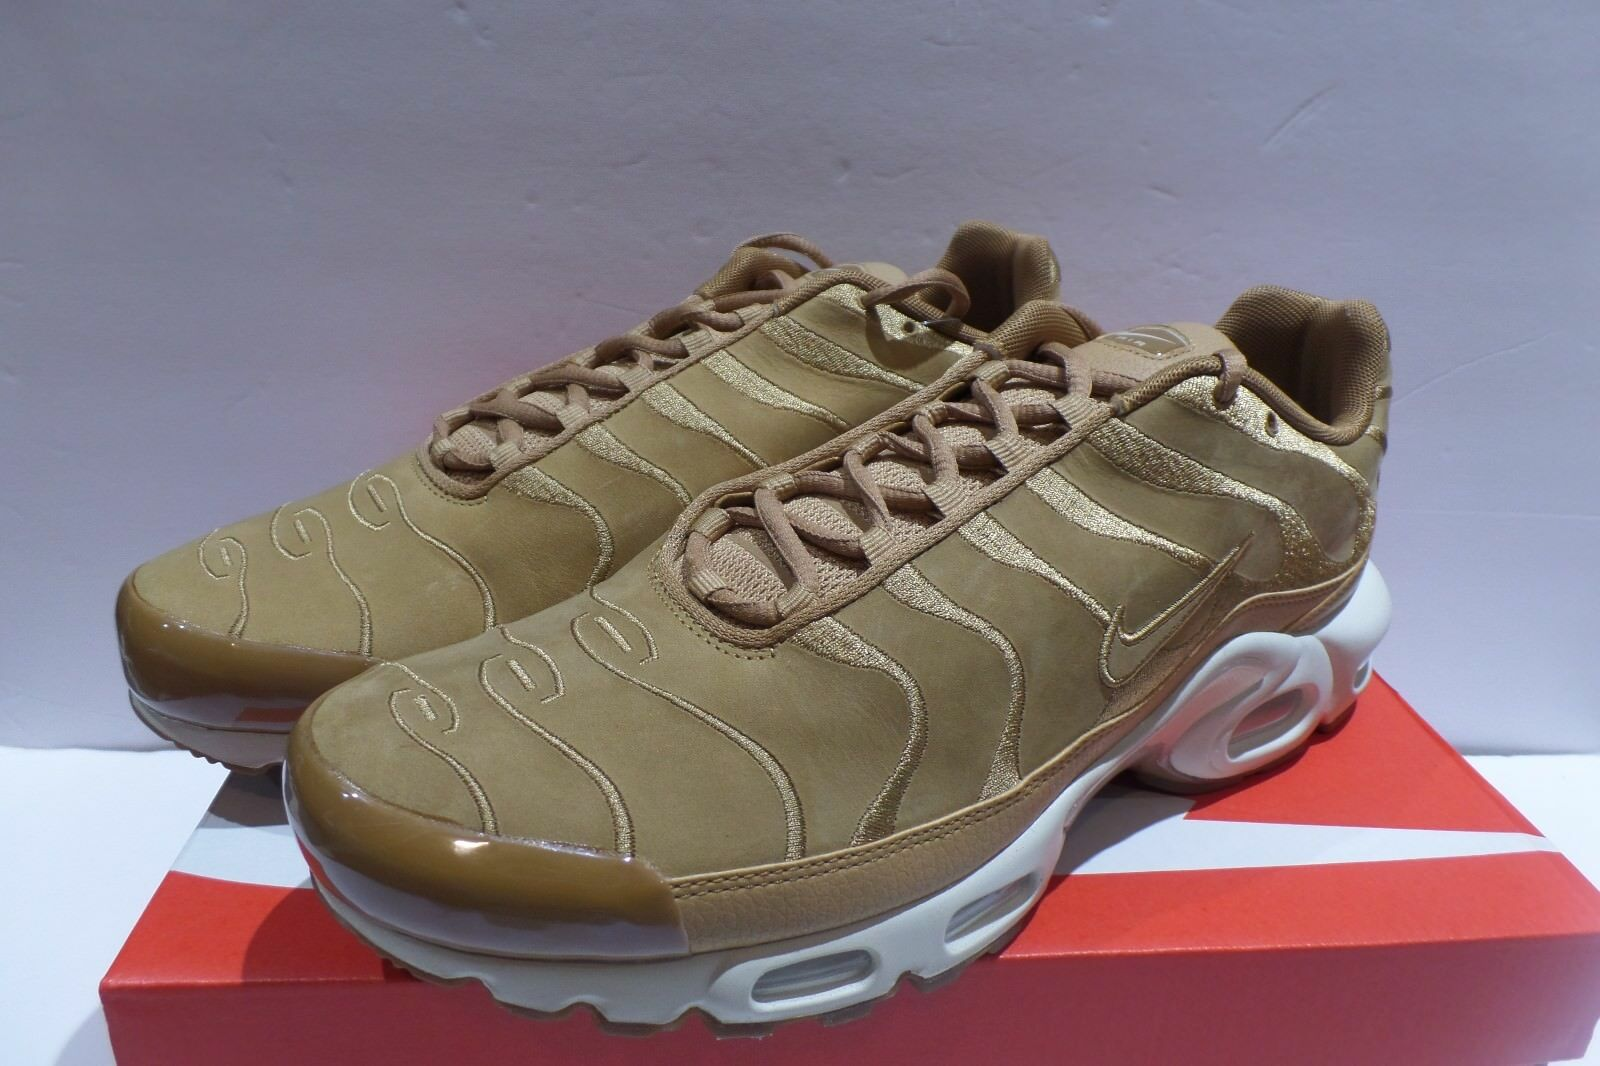 Nike air max e tn sintonizzati 1 e lino scamosciato Uomo sz 11,5 ah9697-201